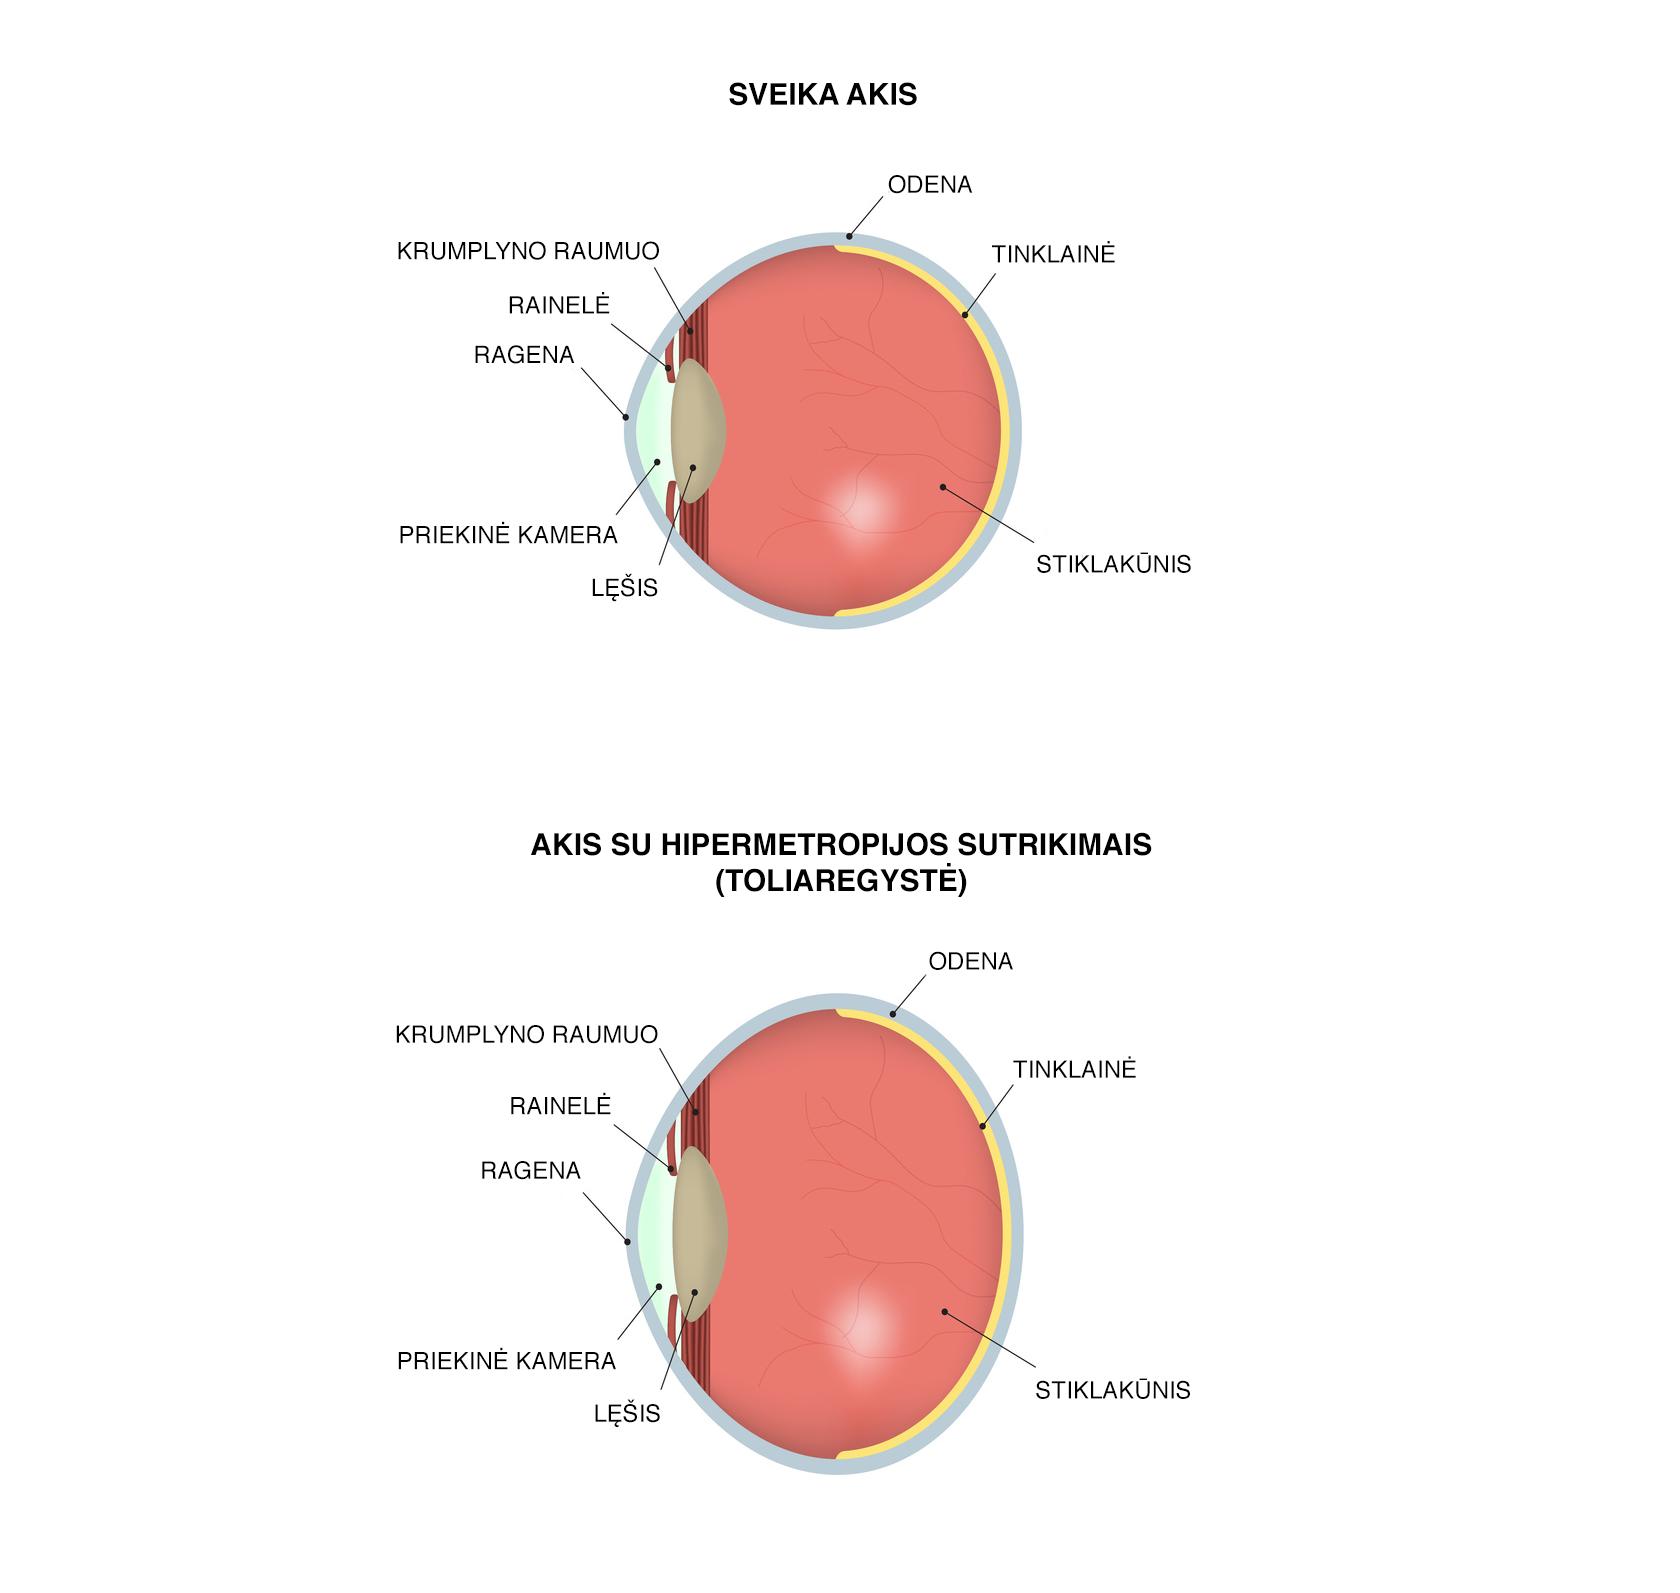 Sveika akis ir akis su toliaregystės (hipermetropijos) sutrikimais